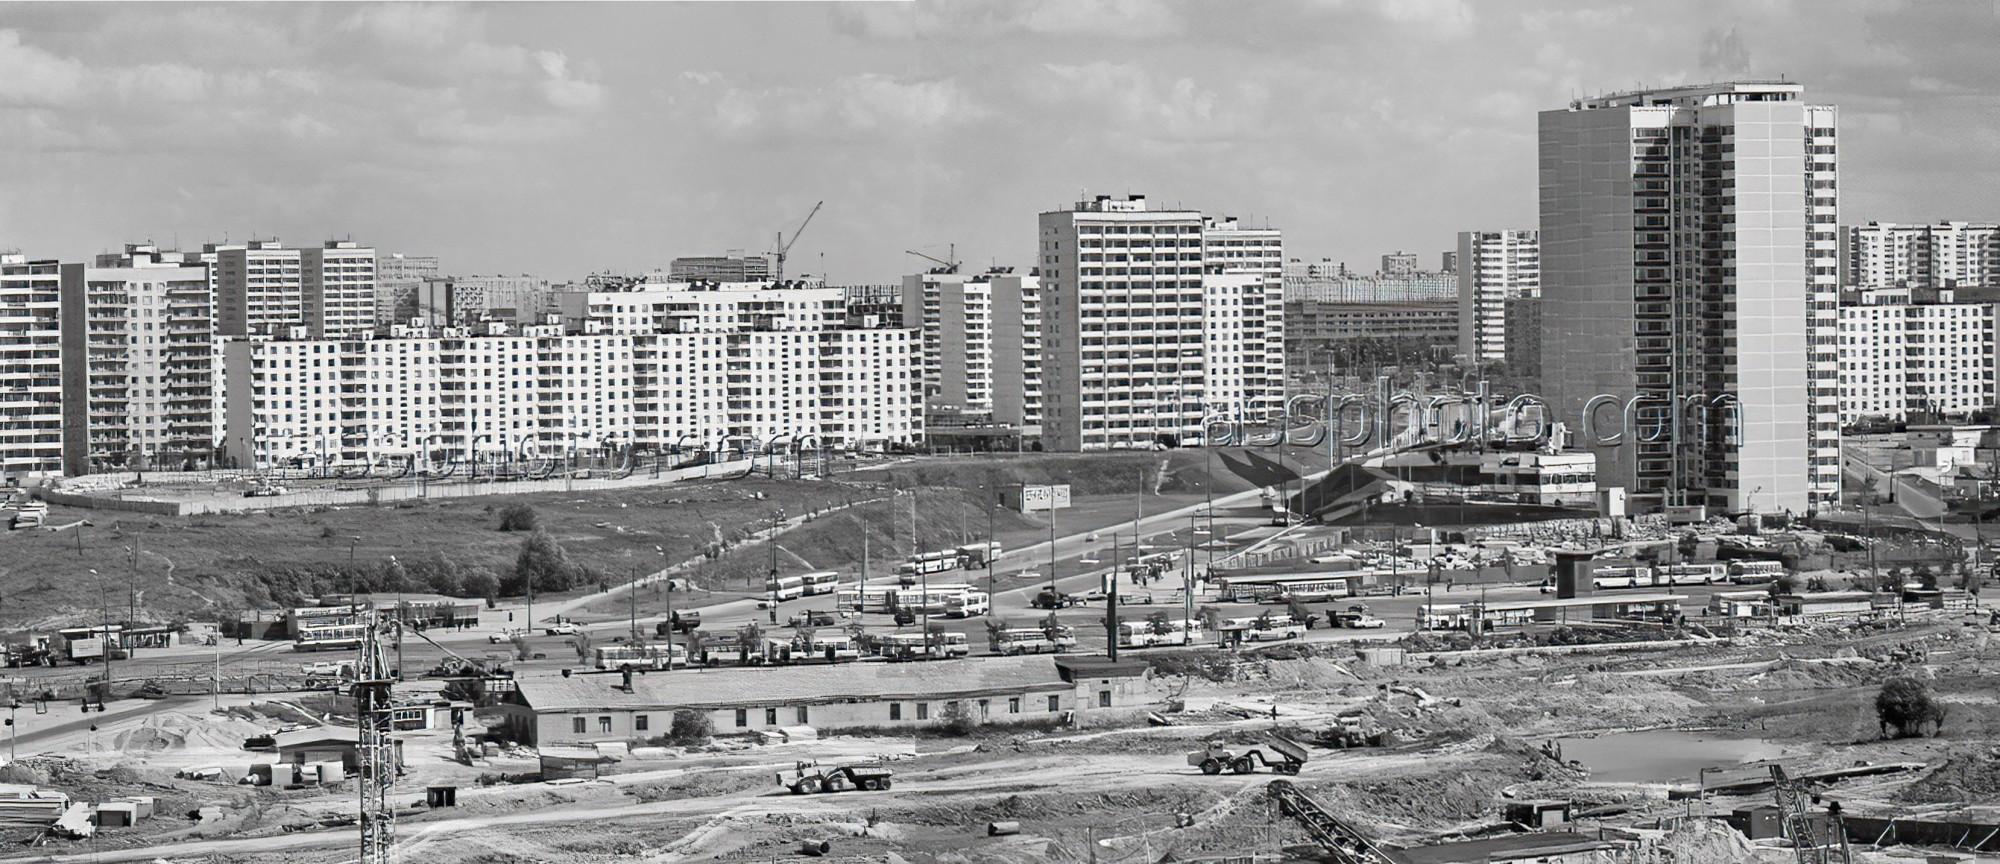 1975 Новый микрорайон Тропарево. Егоров Василий, Стужин Алексей, ТАСС